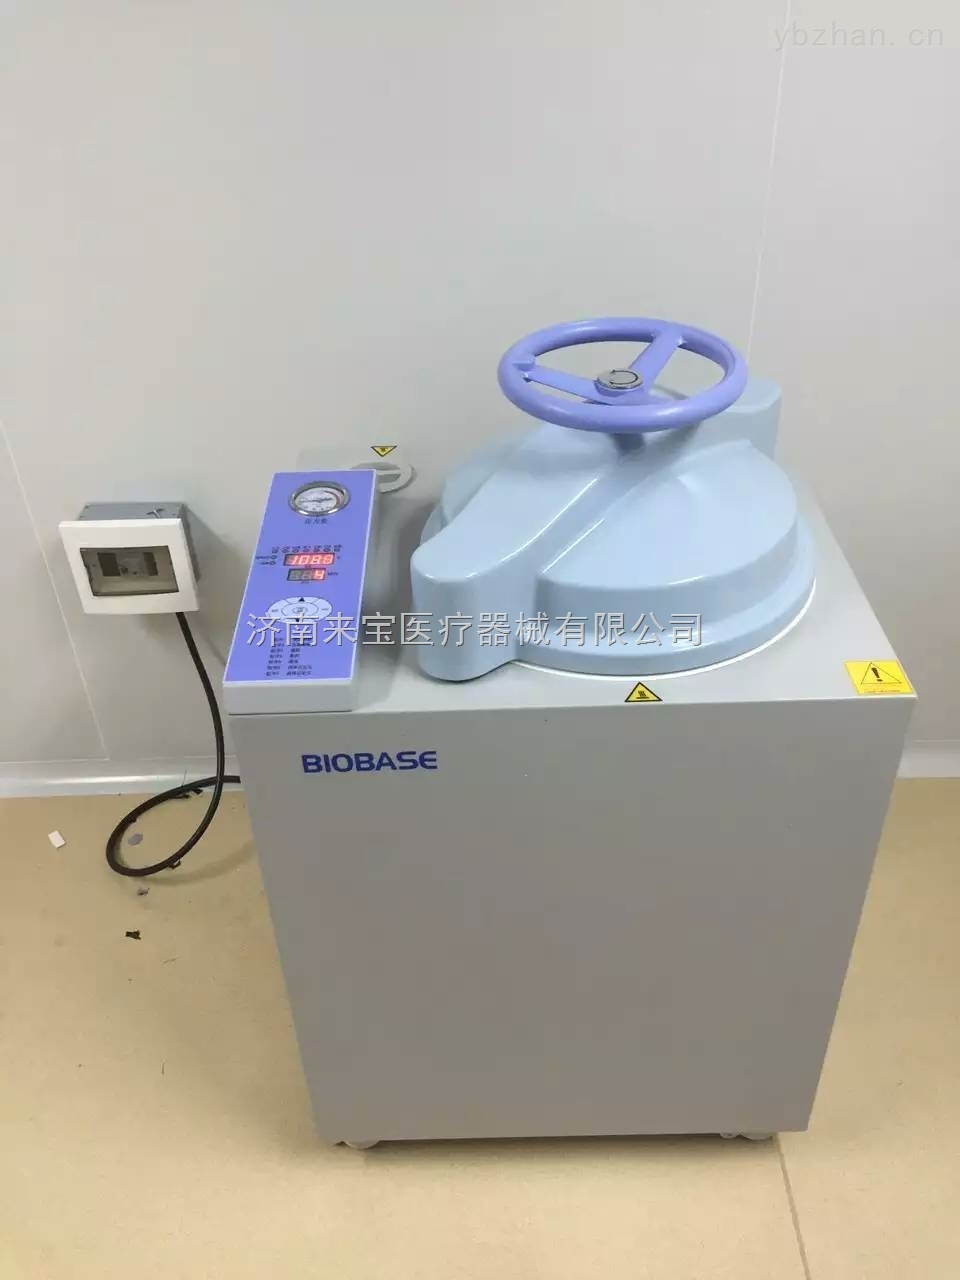 全自動高壓蒸汽滅菌器